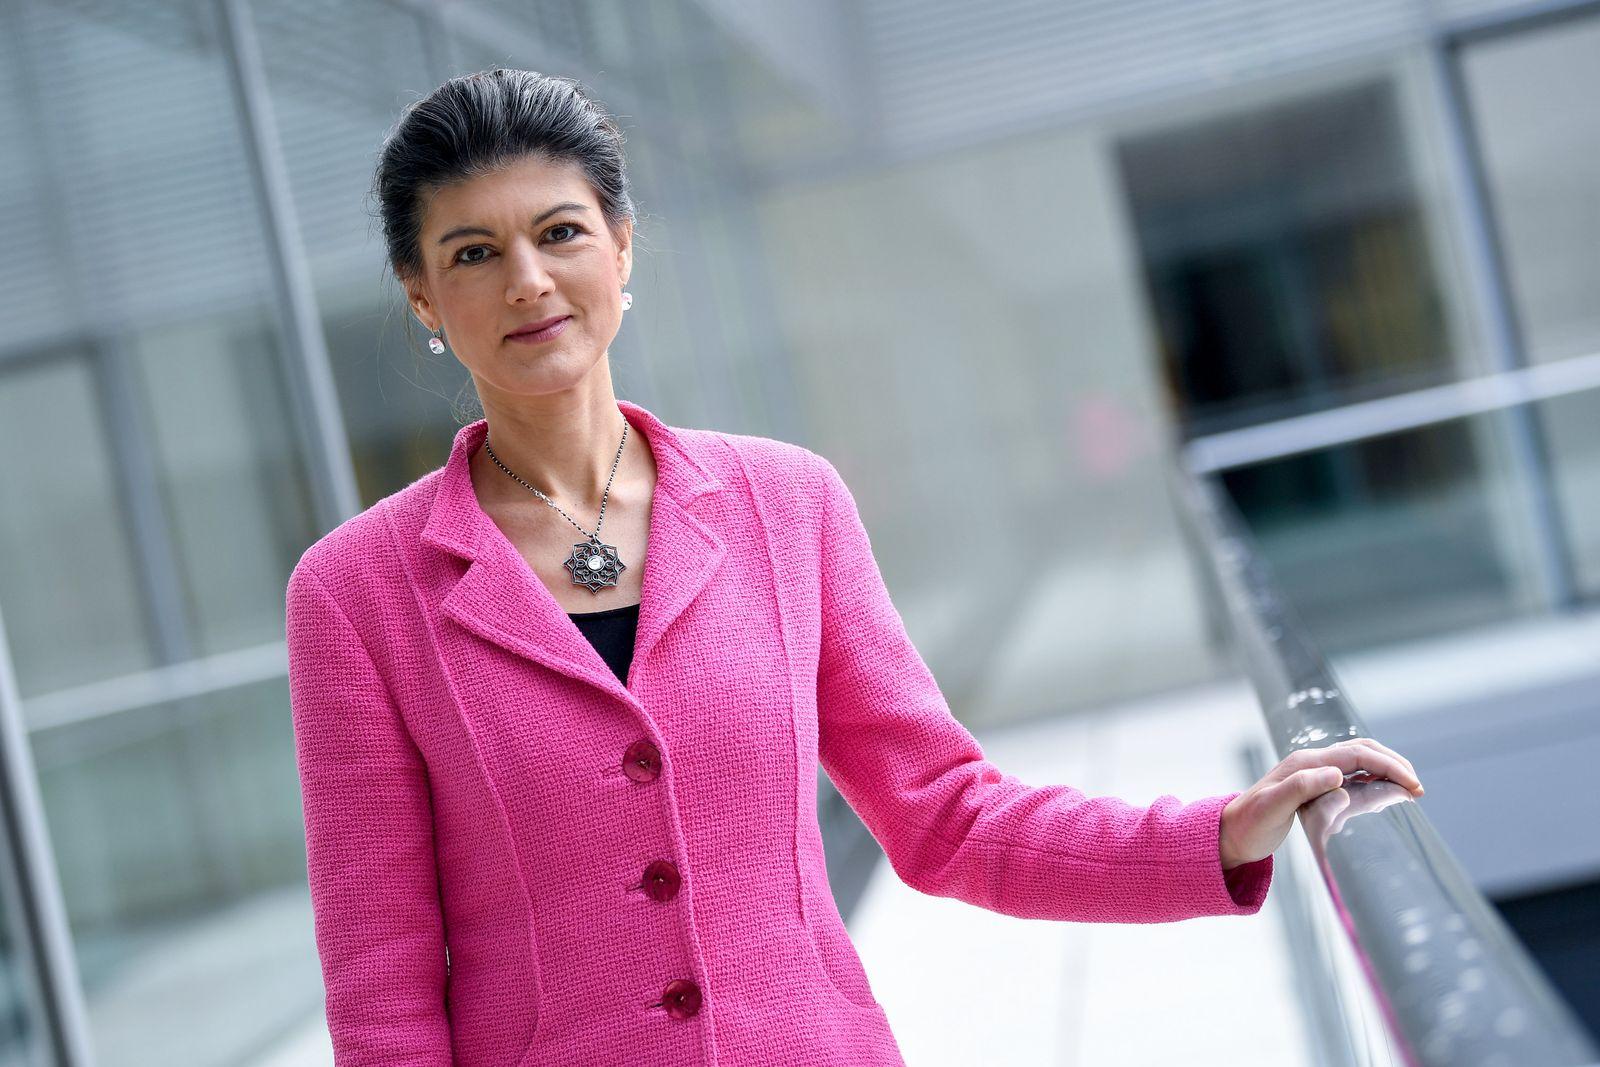 Linke-Politikerin Sahra Wagenknecht